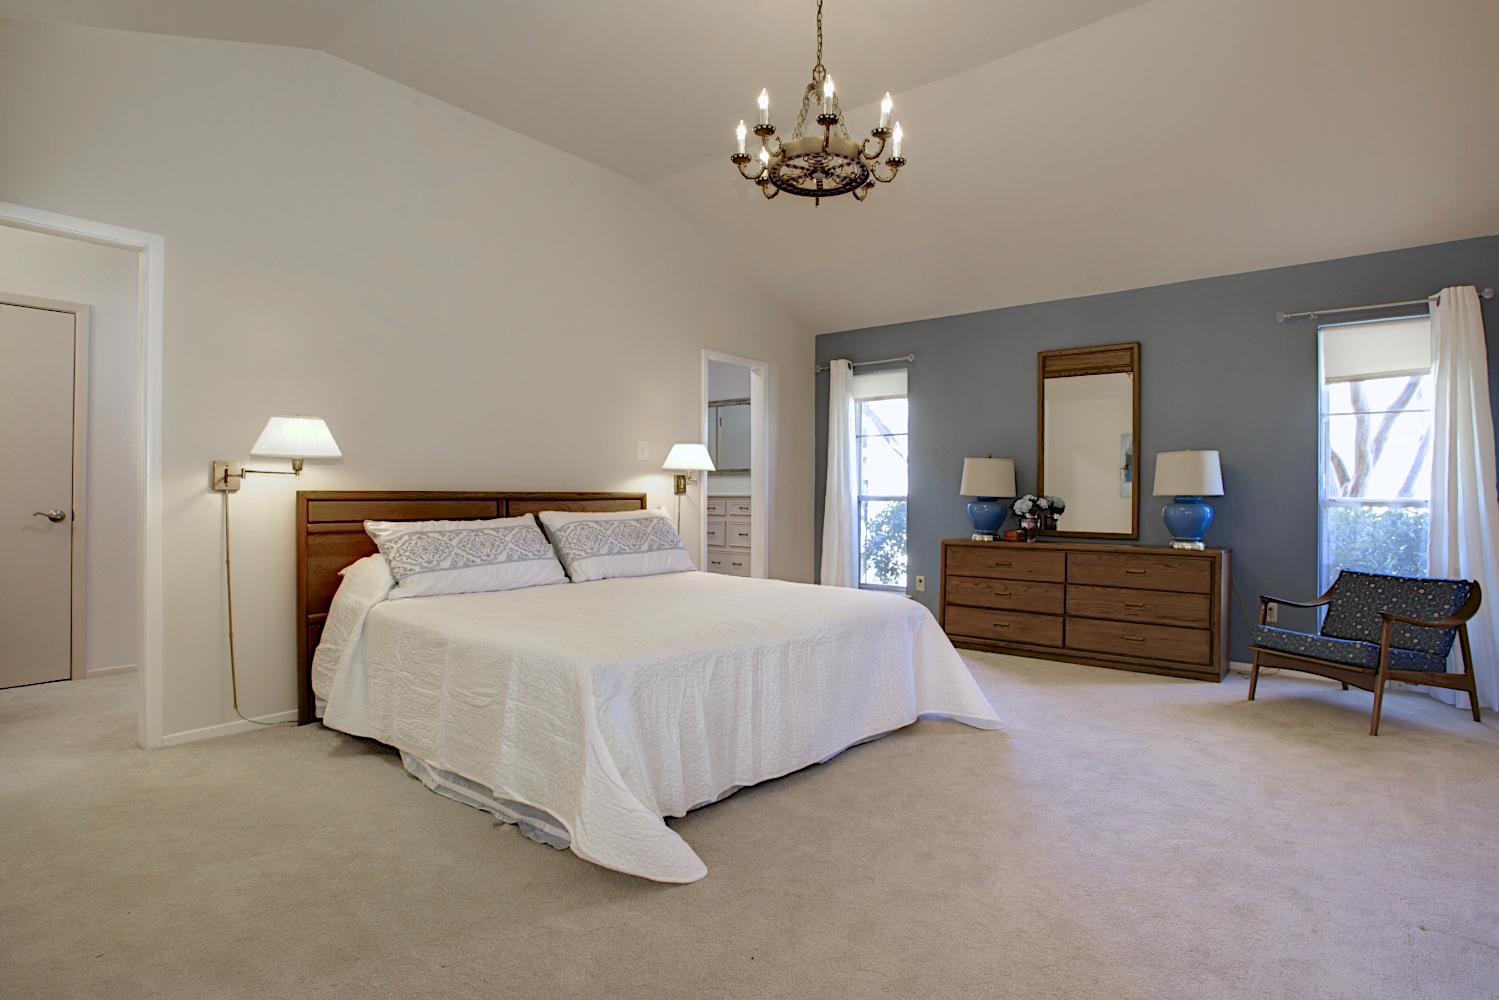 bedroom light fixtures amazing bedroom ceiling light fixtures IPJRNXM